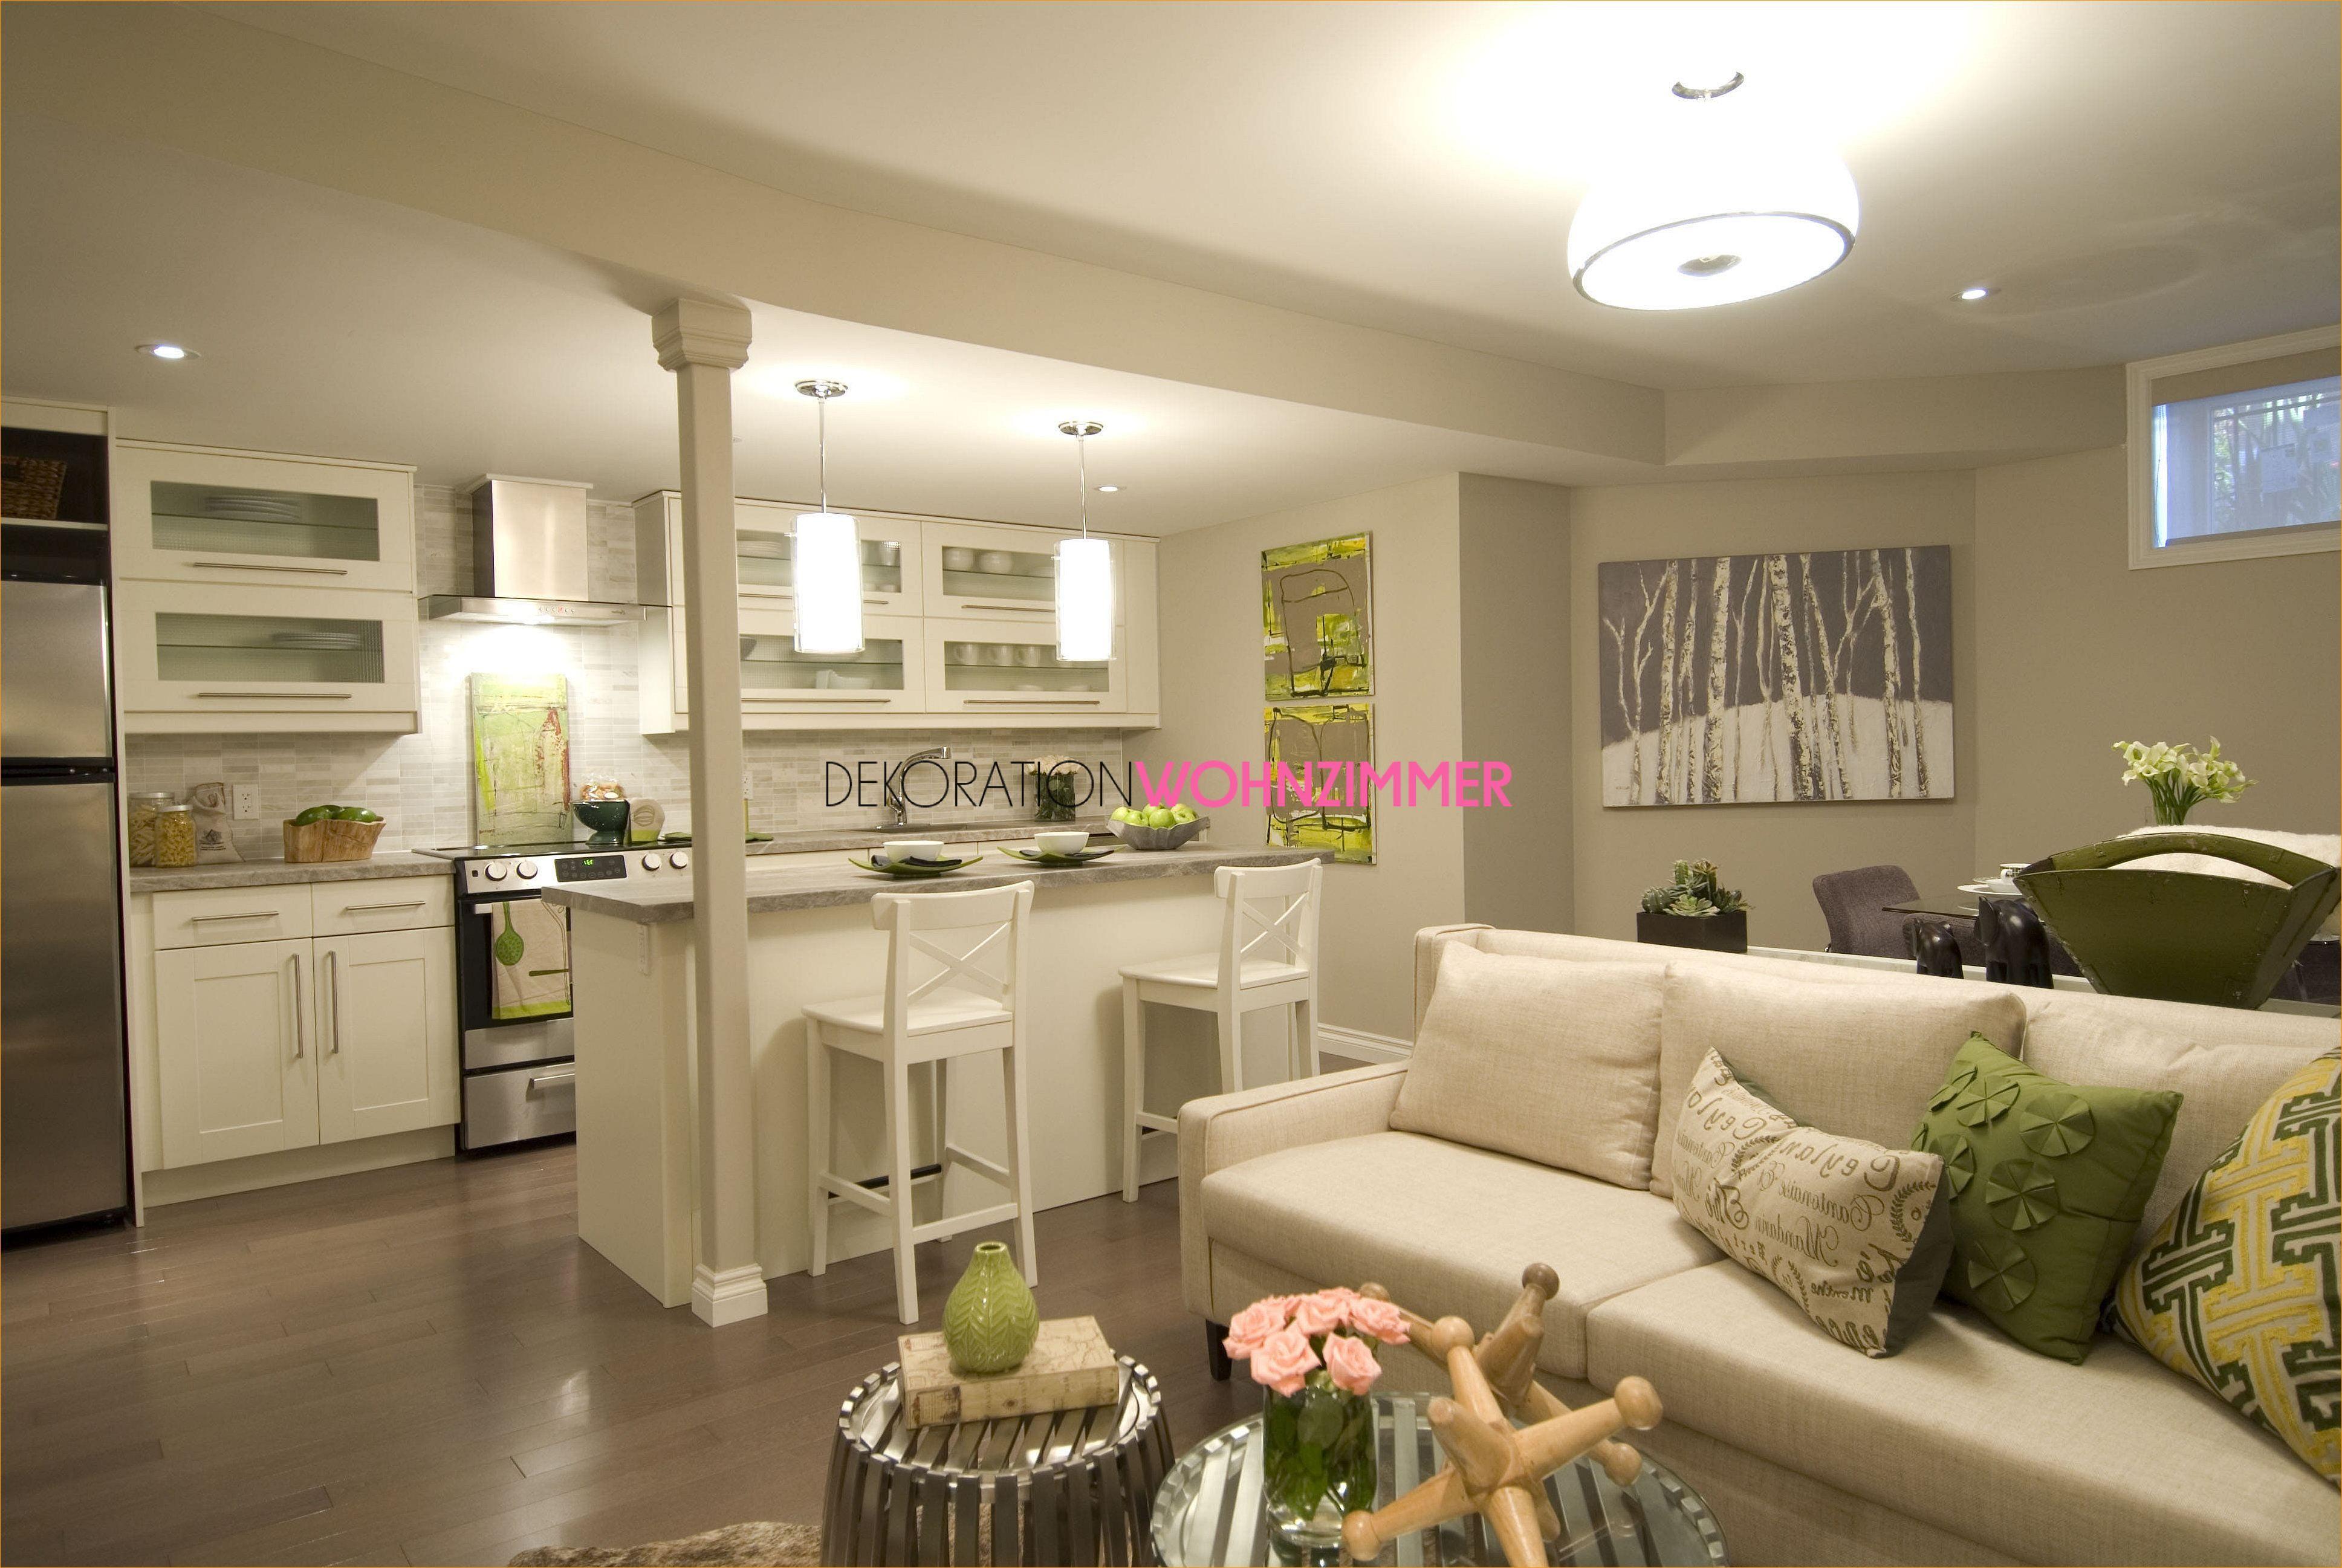 Wohnzimmer Stile Für Bessere Beleuchtung (mit Bildern)  Küche und